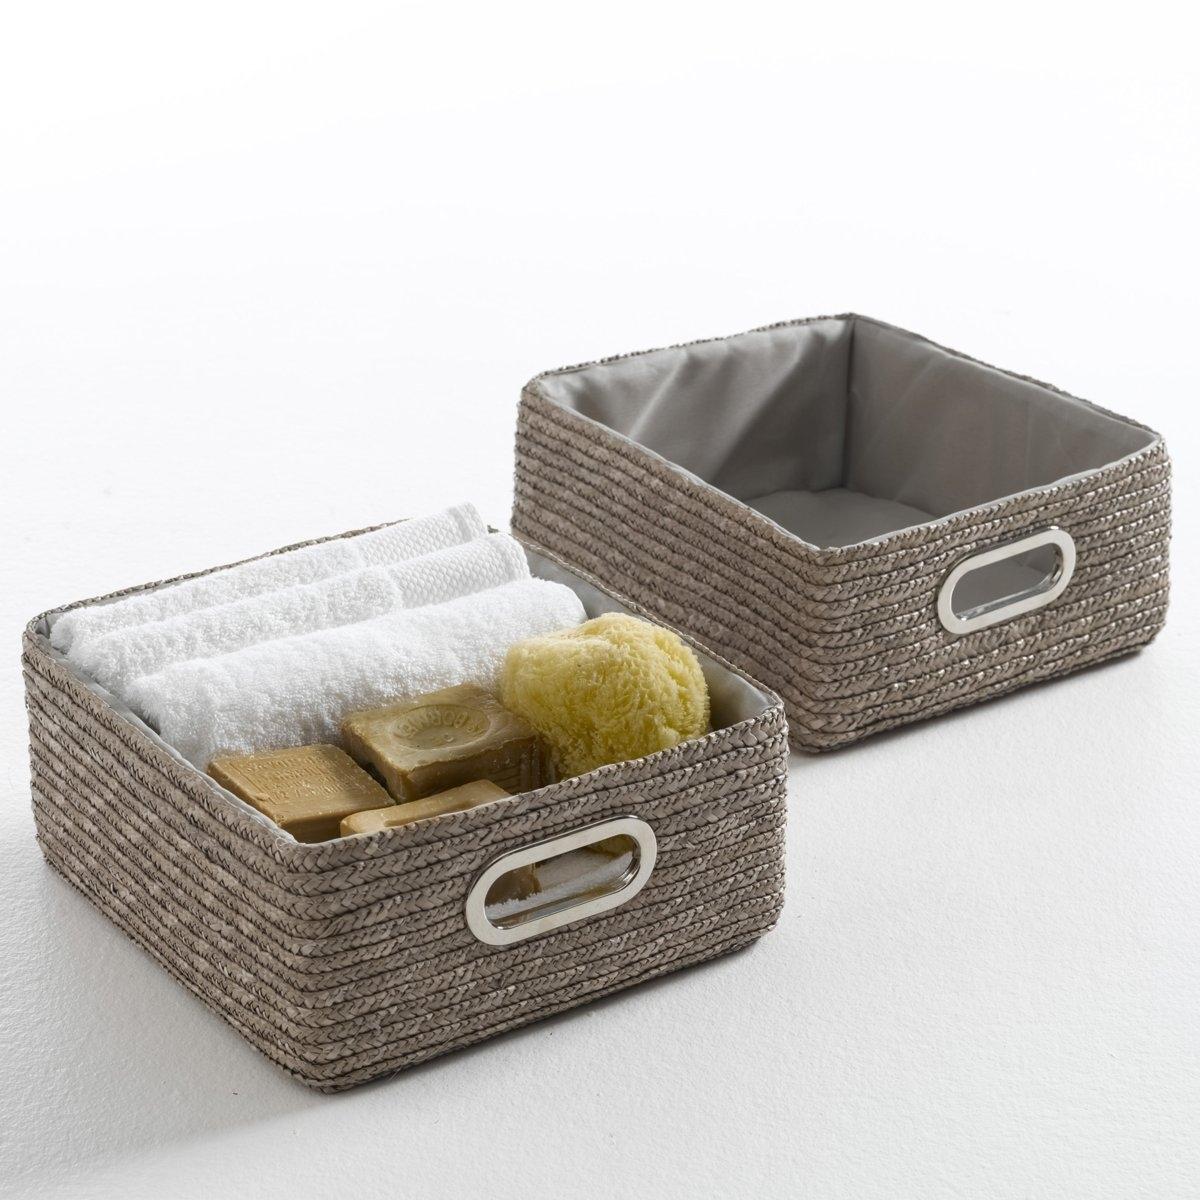 2 корзины для вещей, MajongХарактеристики набора из 2 корзин для хранения вещей MajongСделаны из соломки и металла.Внутренняя подкладка из полиэстера тон в тон.Ищите мебель для ванной на сайте laredoute.ru.ruРазмеры корзин для хранения вещей Majong- Размер. 1 корзины : Д.33 x Ш.13 x В.28 см..<br><br>Цвет: бежевый